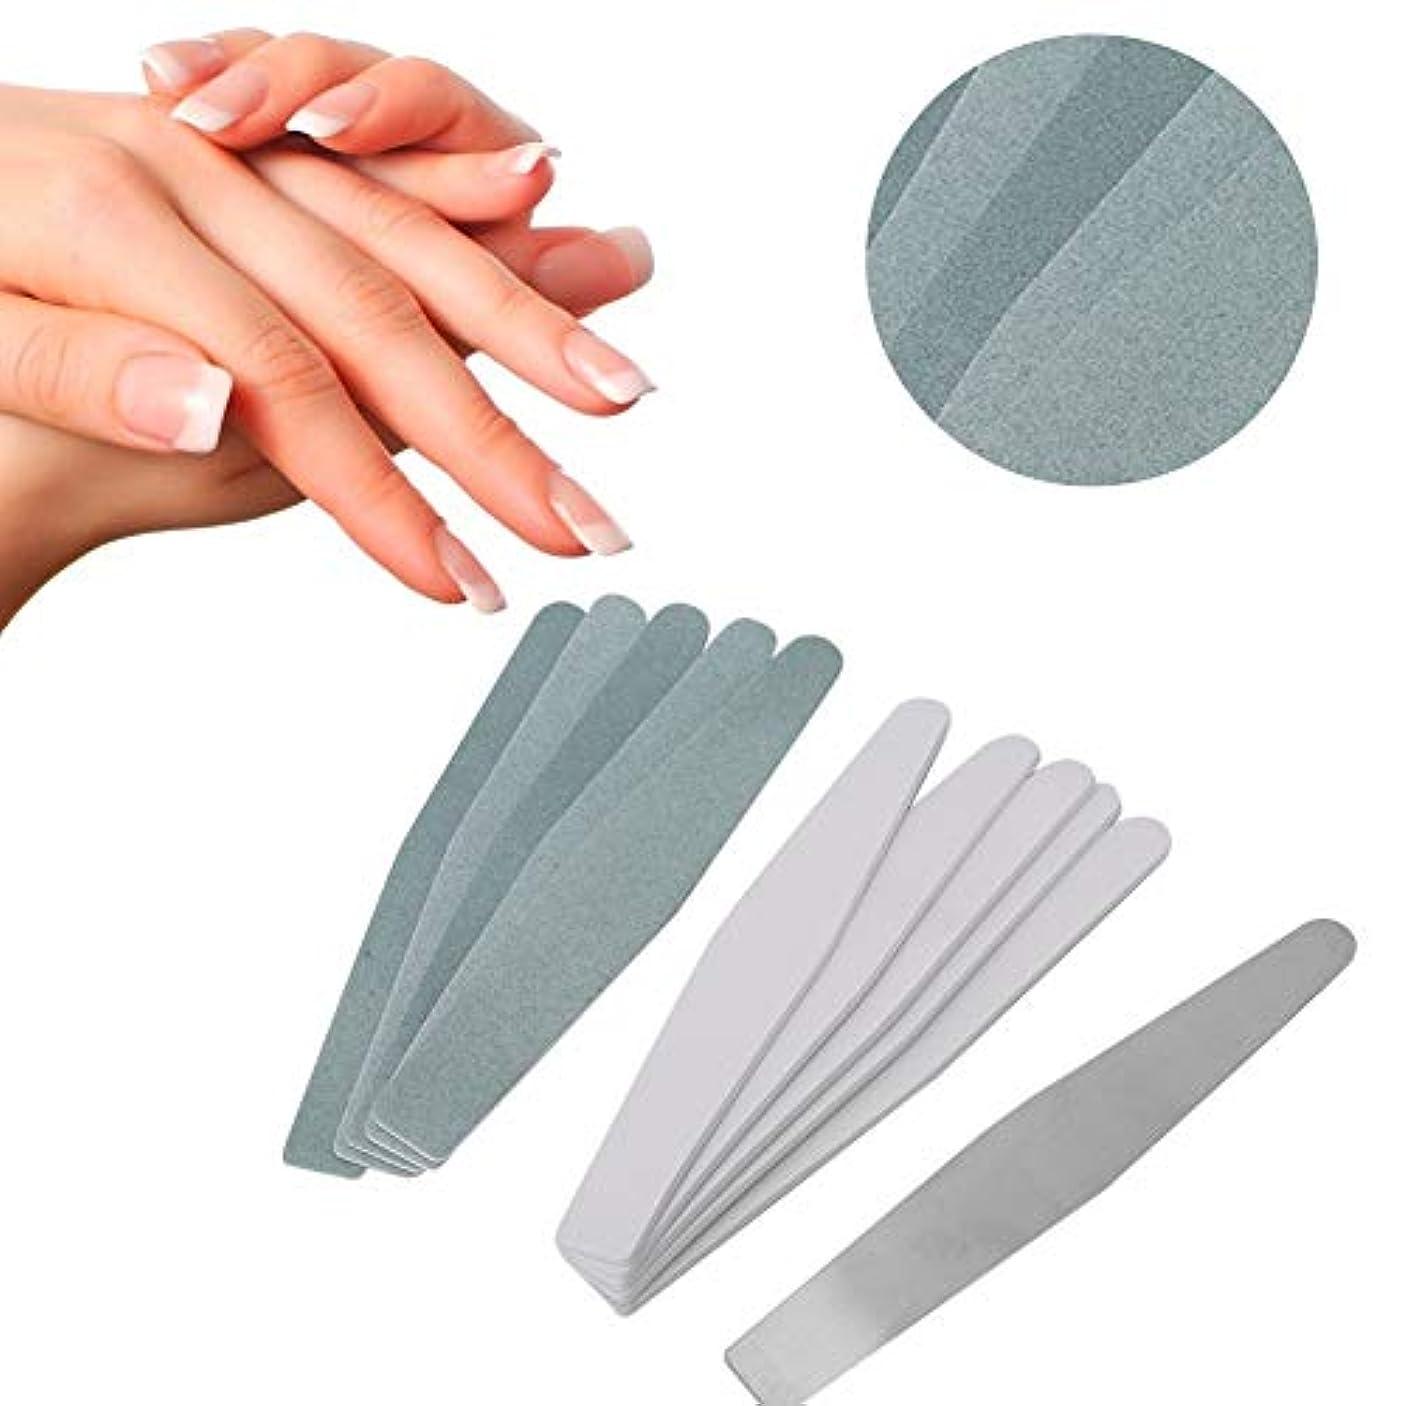 徴収レビュー製造ネイルアート 緩衝ファイル 磨く釘の芸術のための取り替え可能なステンレス鋼の釘砂棒(01)